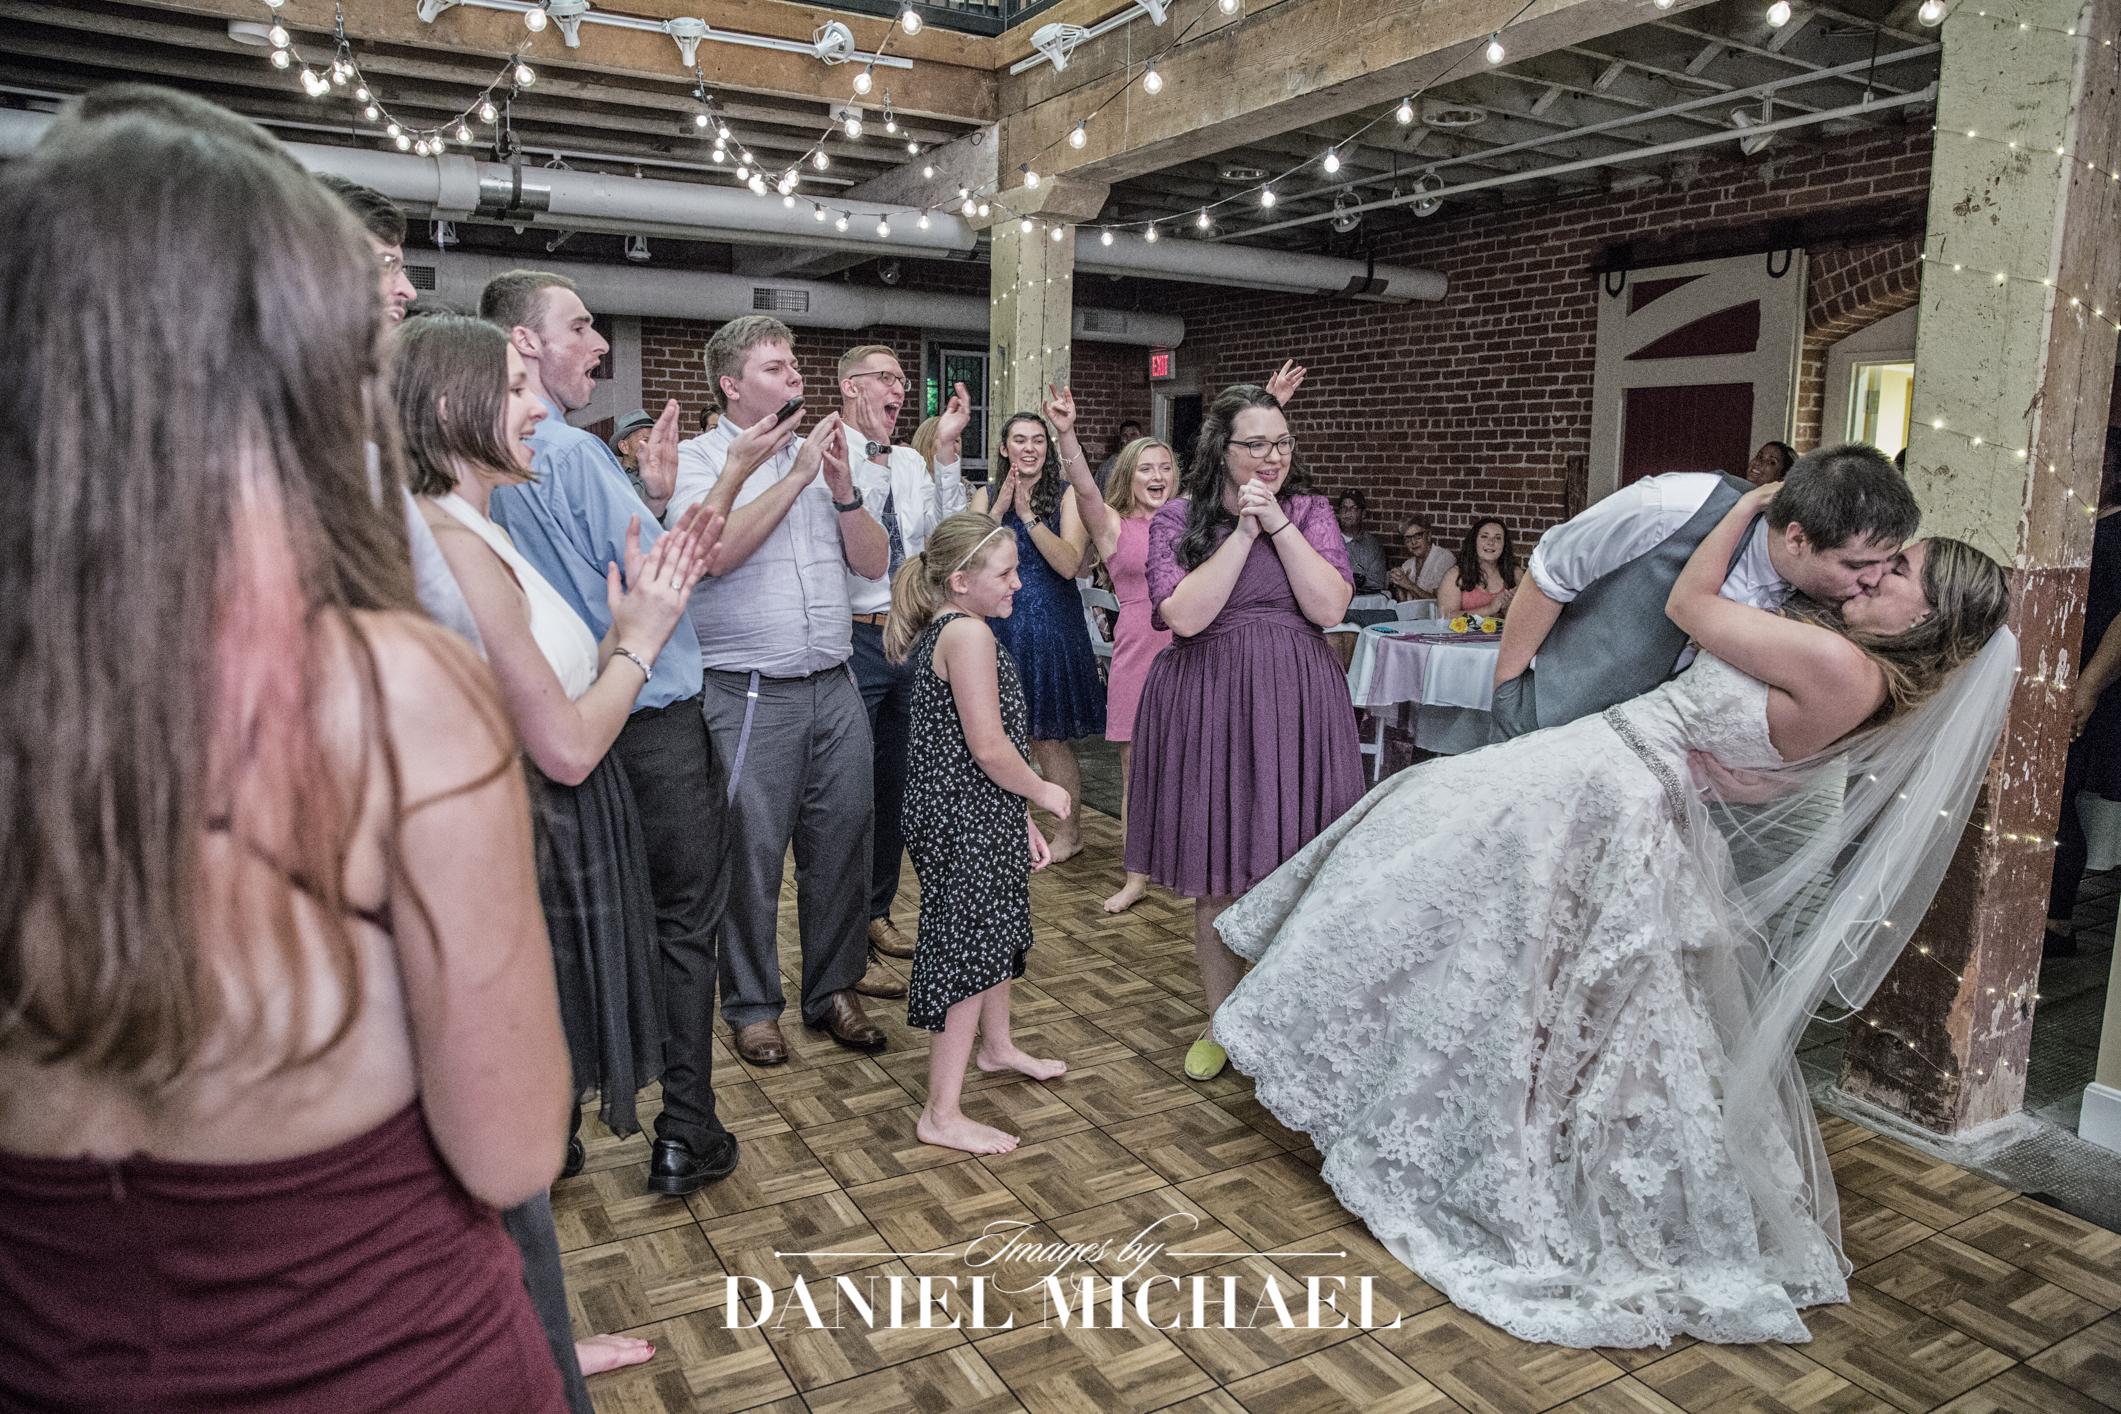 Centennial Barn Wedding Venue reception Photographer